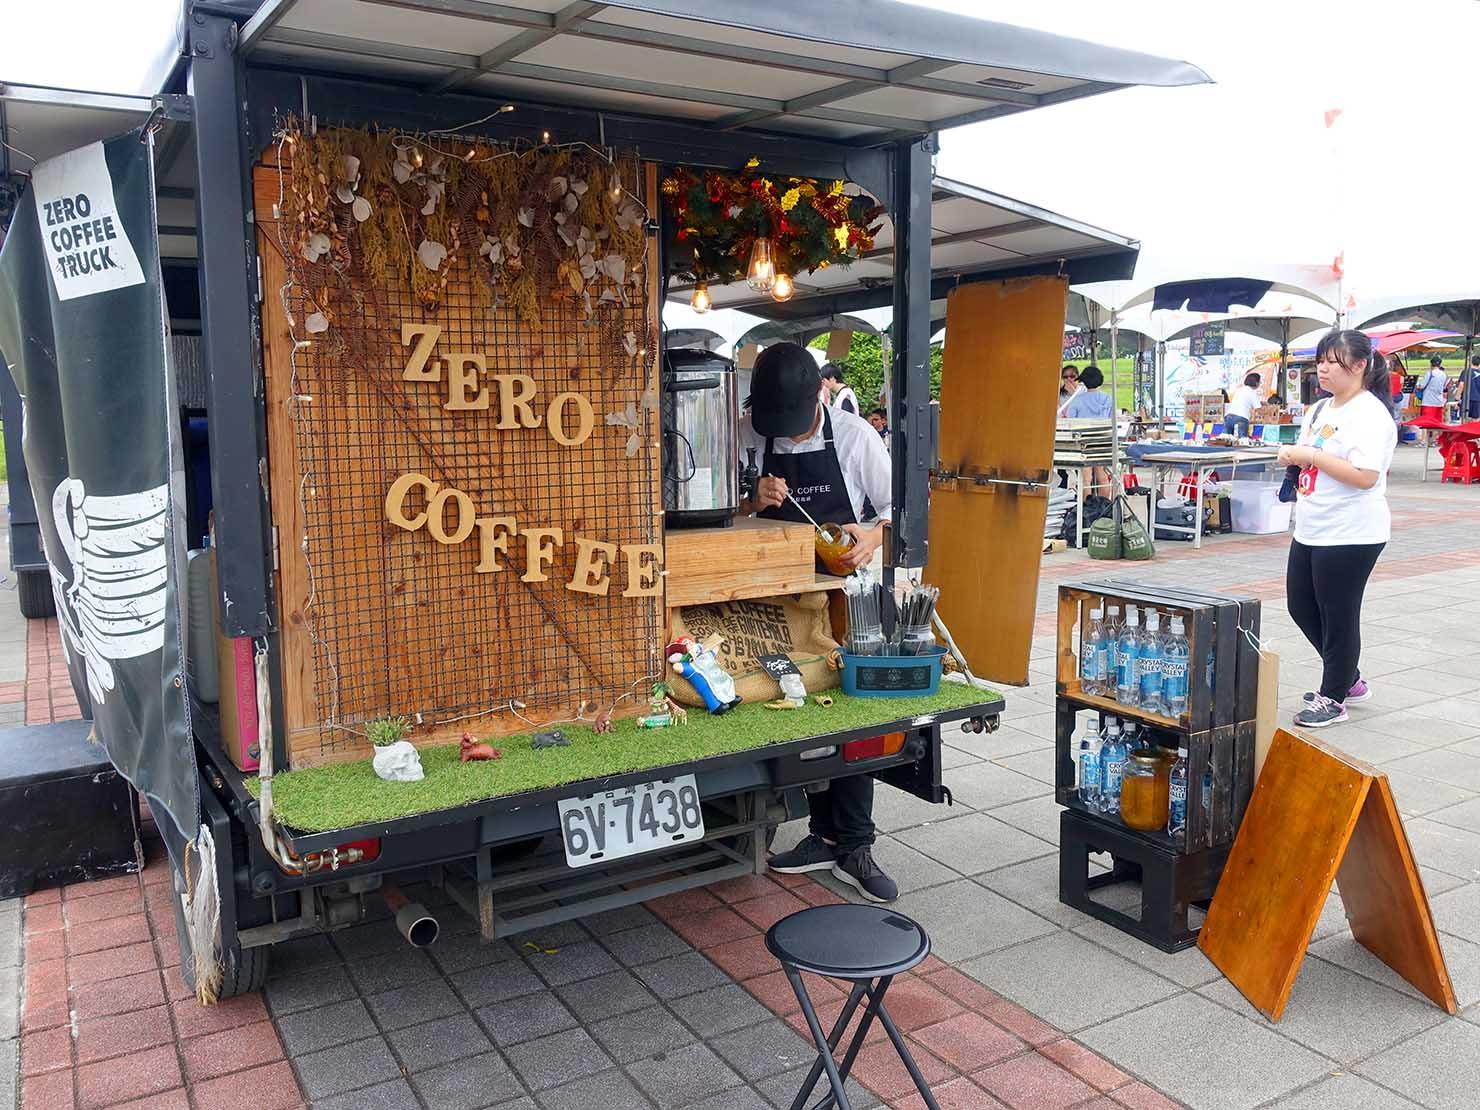 端午節の台北で行われた「龍舟競賽(ドラゴンボートレース)」の会場でコーヒーを売るワゴンカー